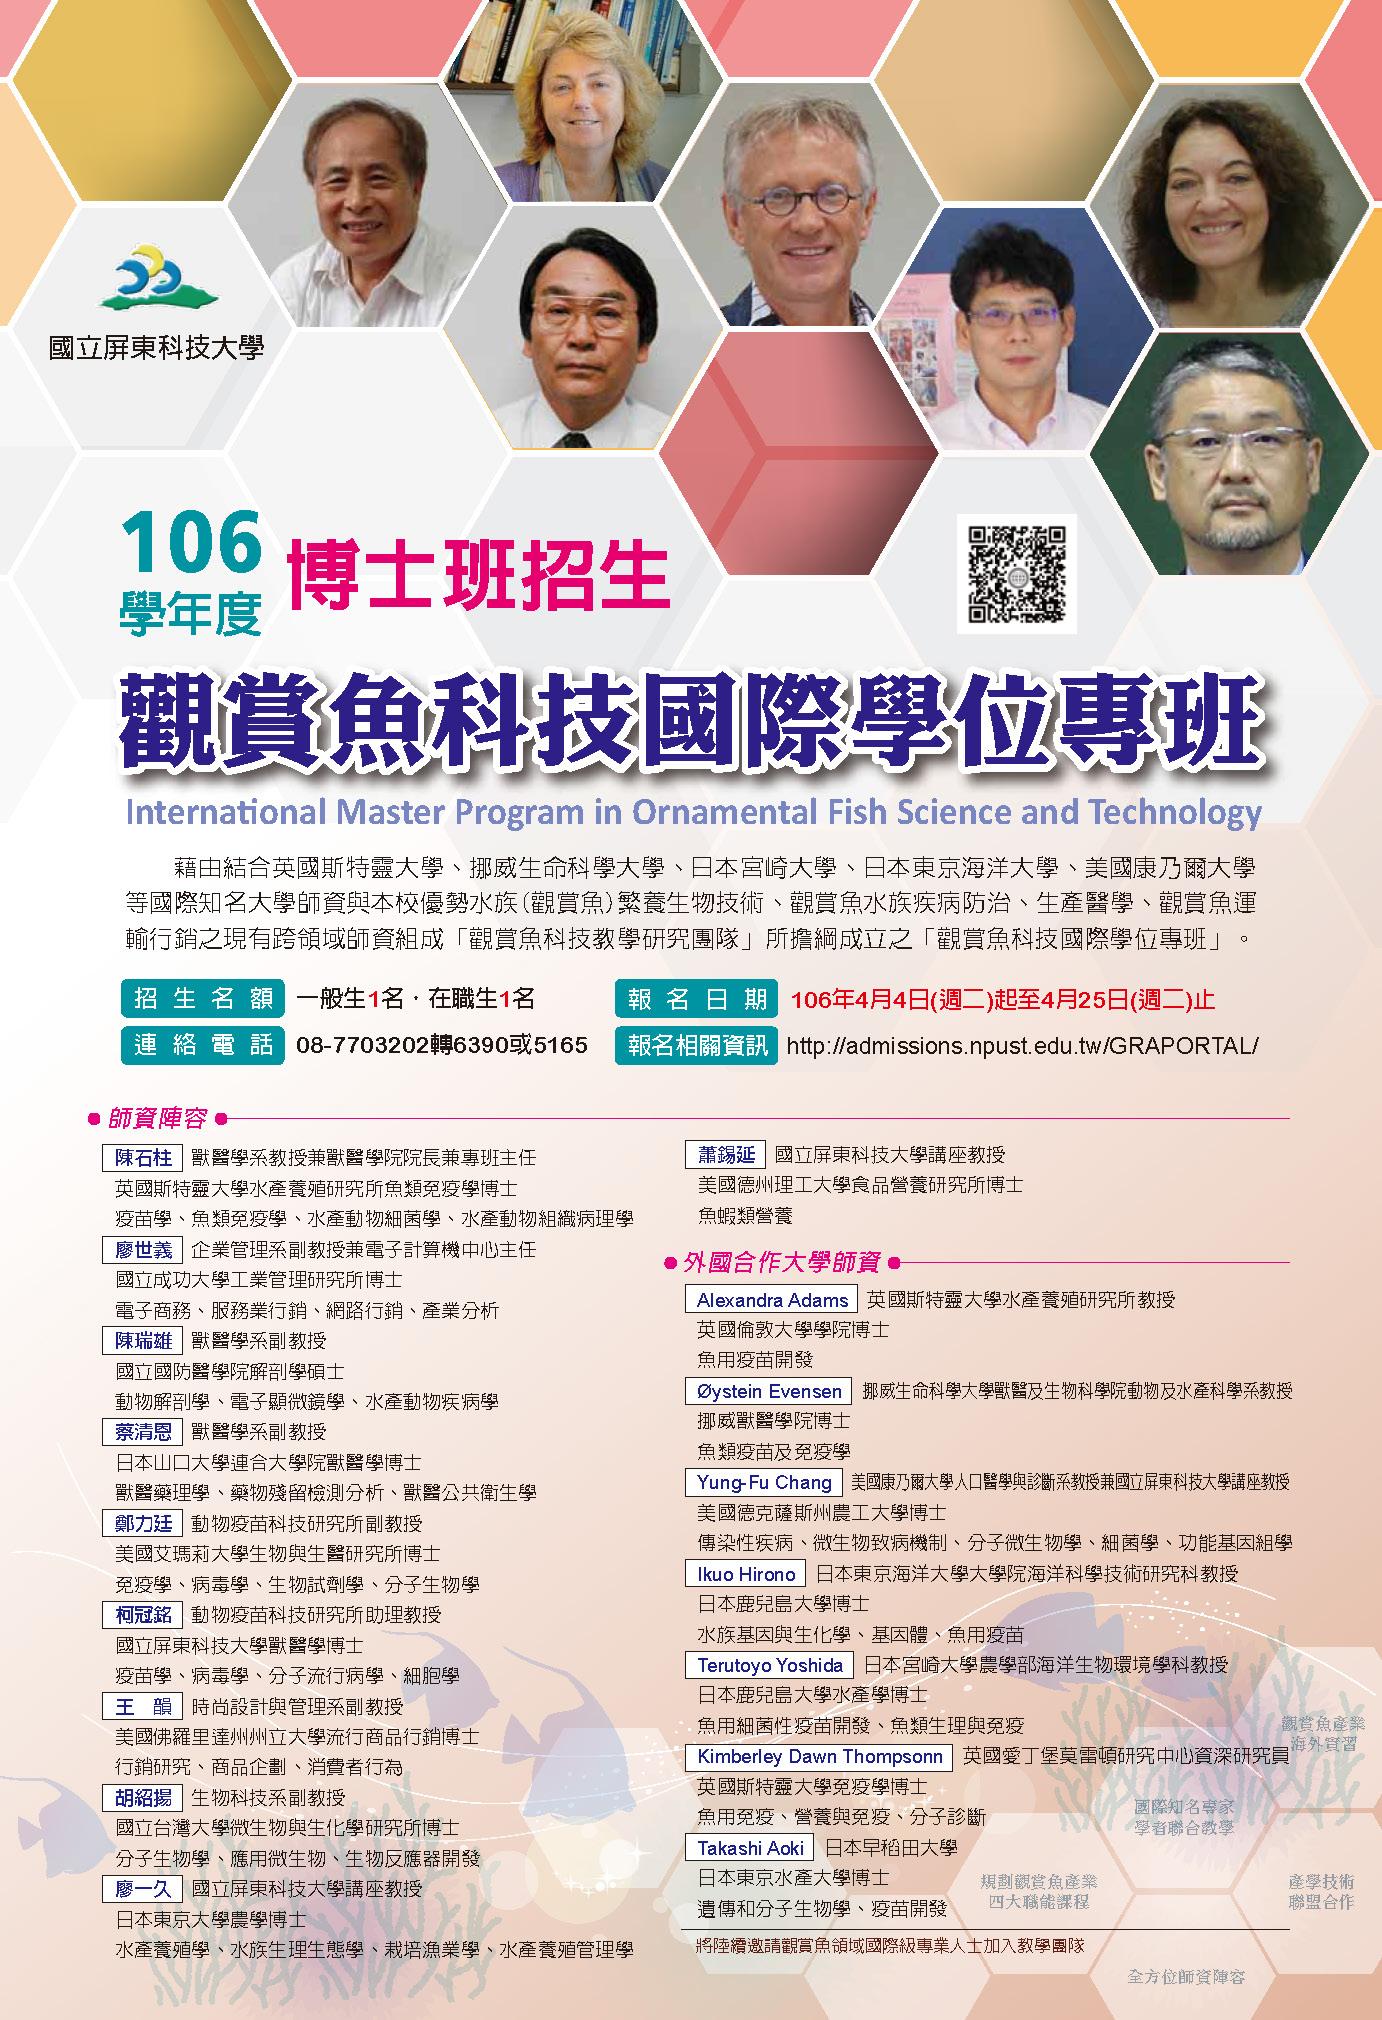 106博士招生海報